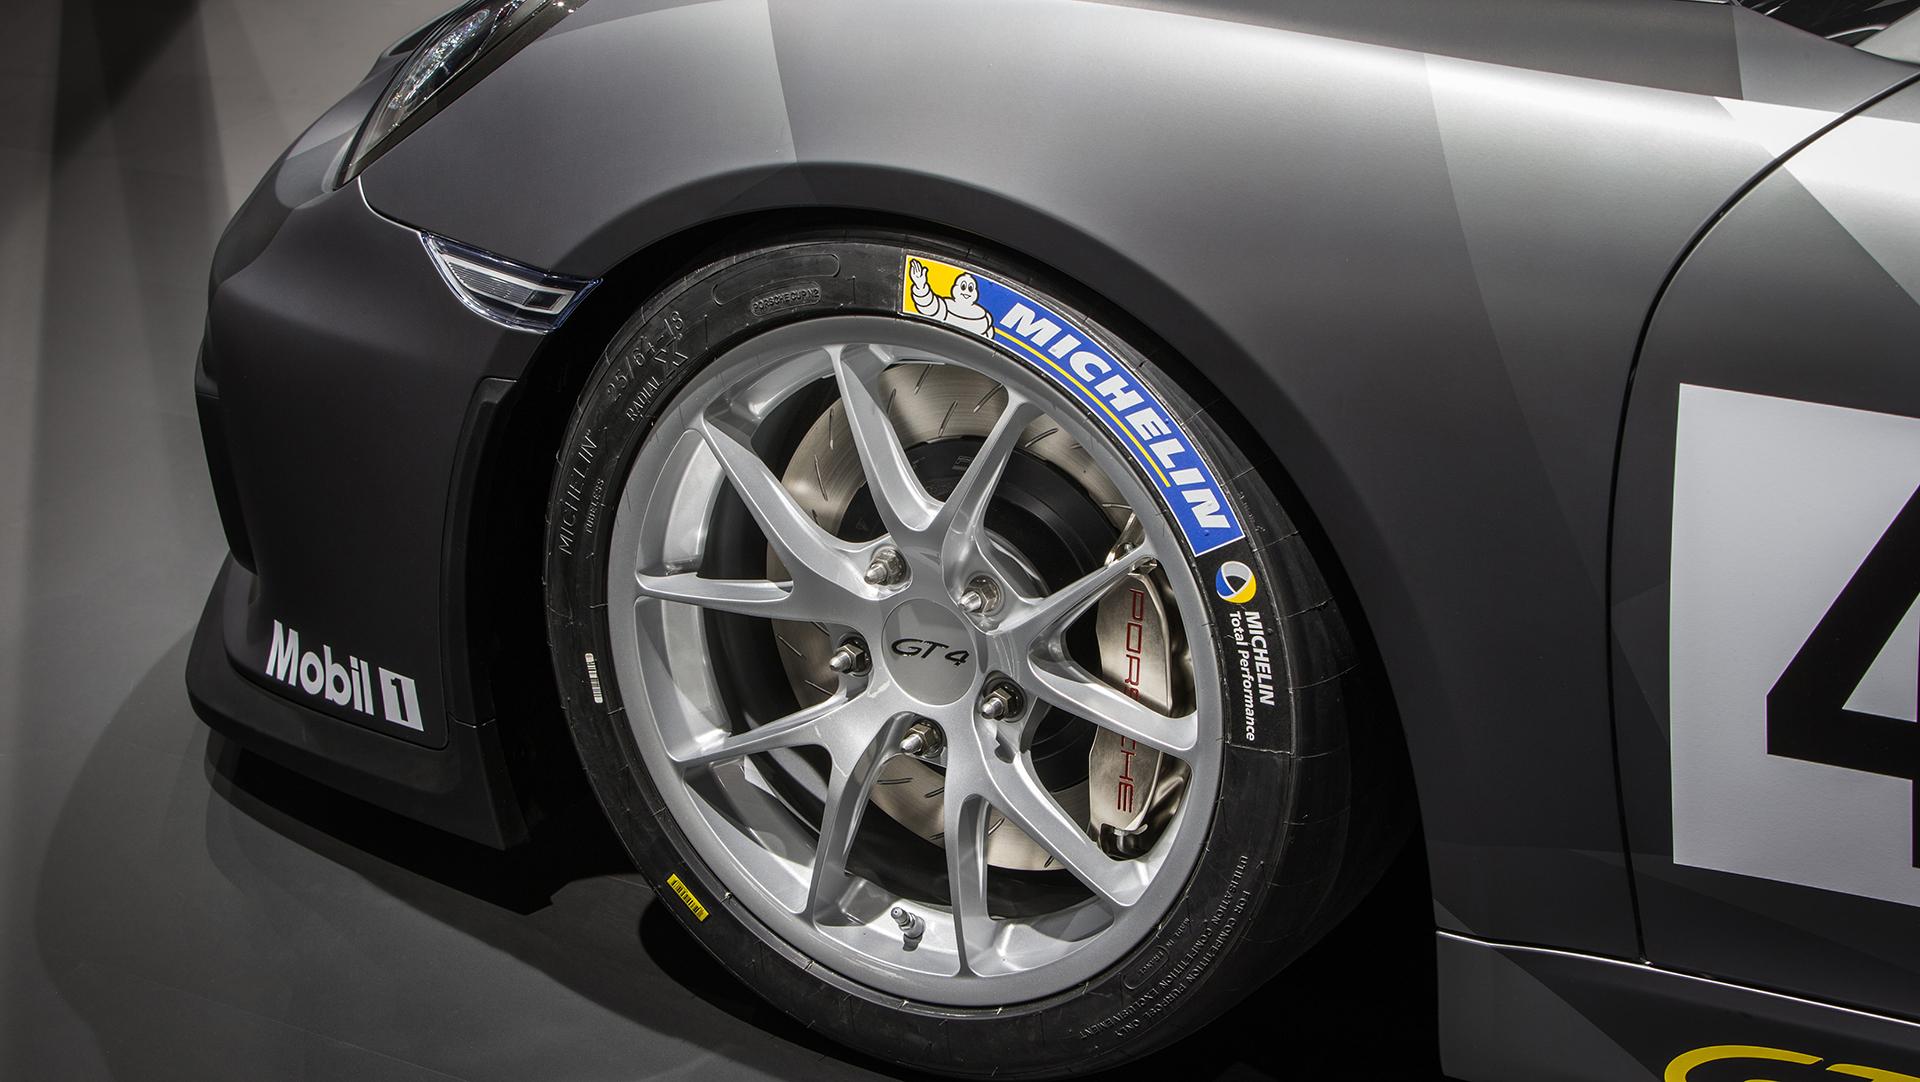 Porsche Cayman GT4 Clubsport - 2015 - jante / wheel